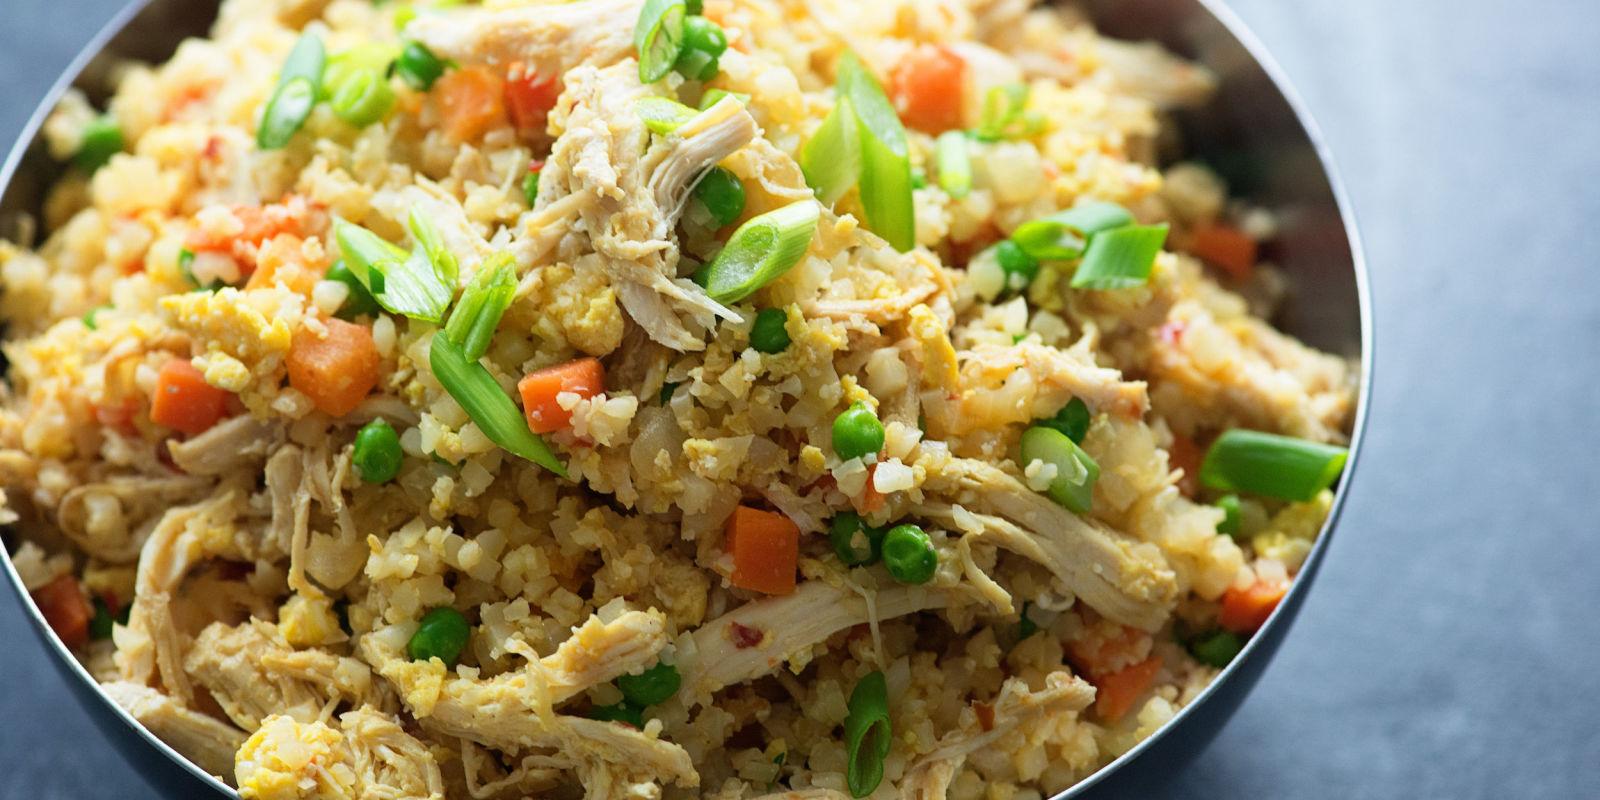 Best Chicken Fried Cauliflower Rice Recipe How To Make Chicken Fried Cauliflower Rice Delish Com